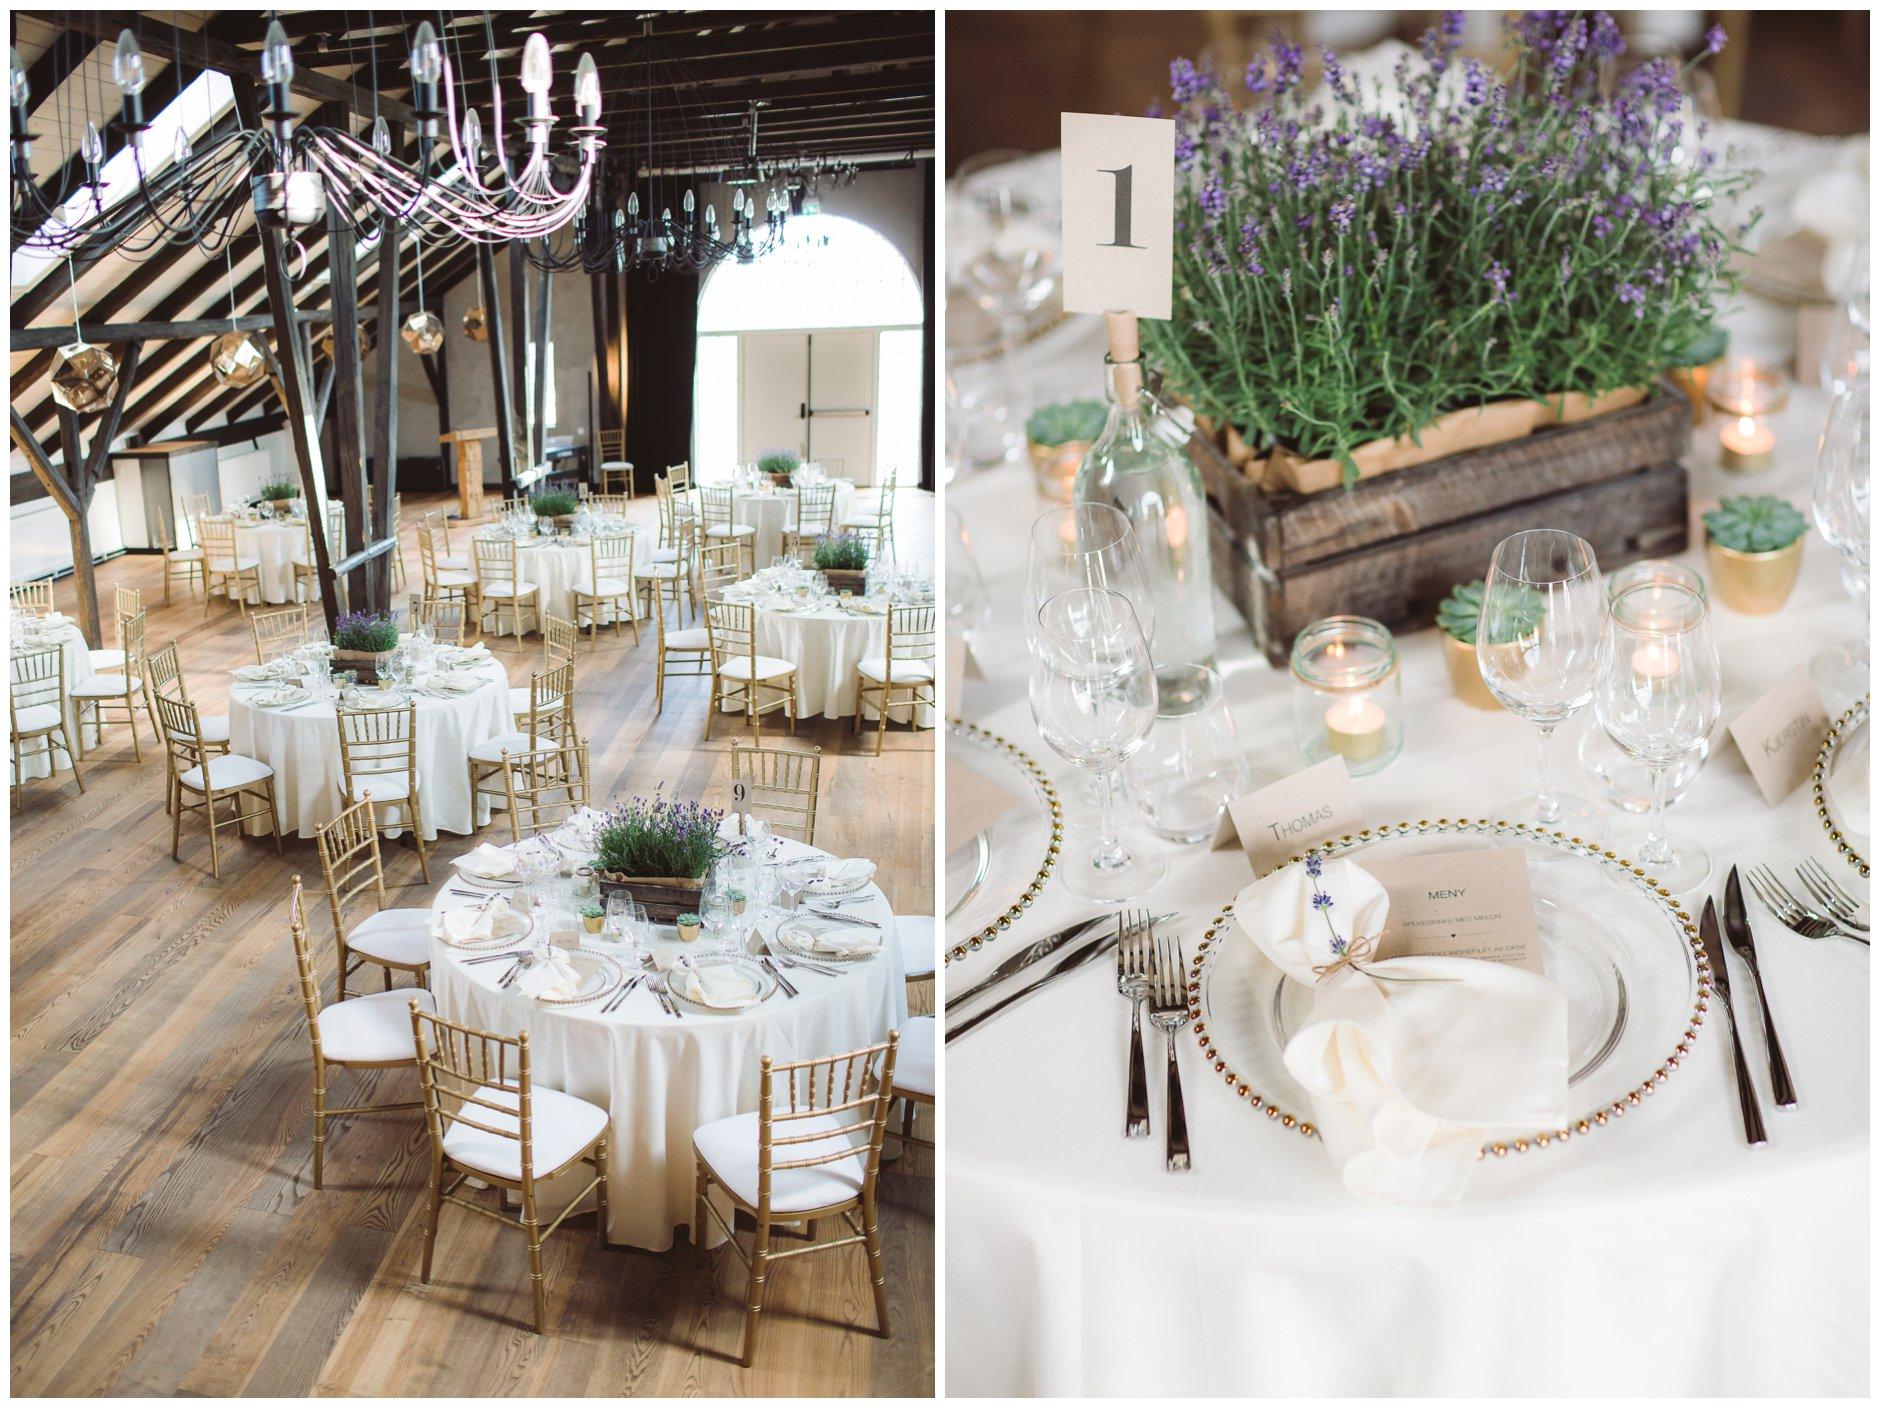 Fotograf-Eline-Jacobine-Bryllup-Glenne-Gård-med-Glennewedding-lavendel-sukkulent-bord-dekorasjon